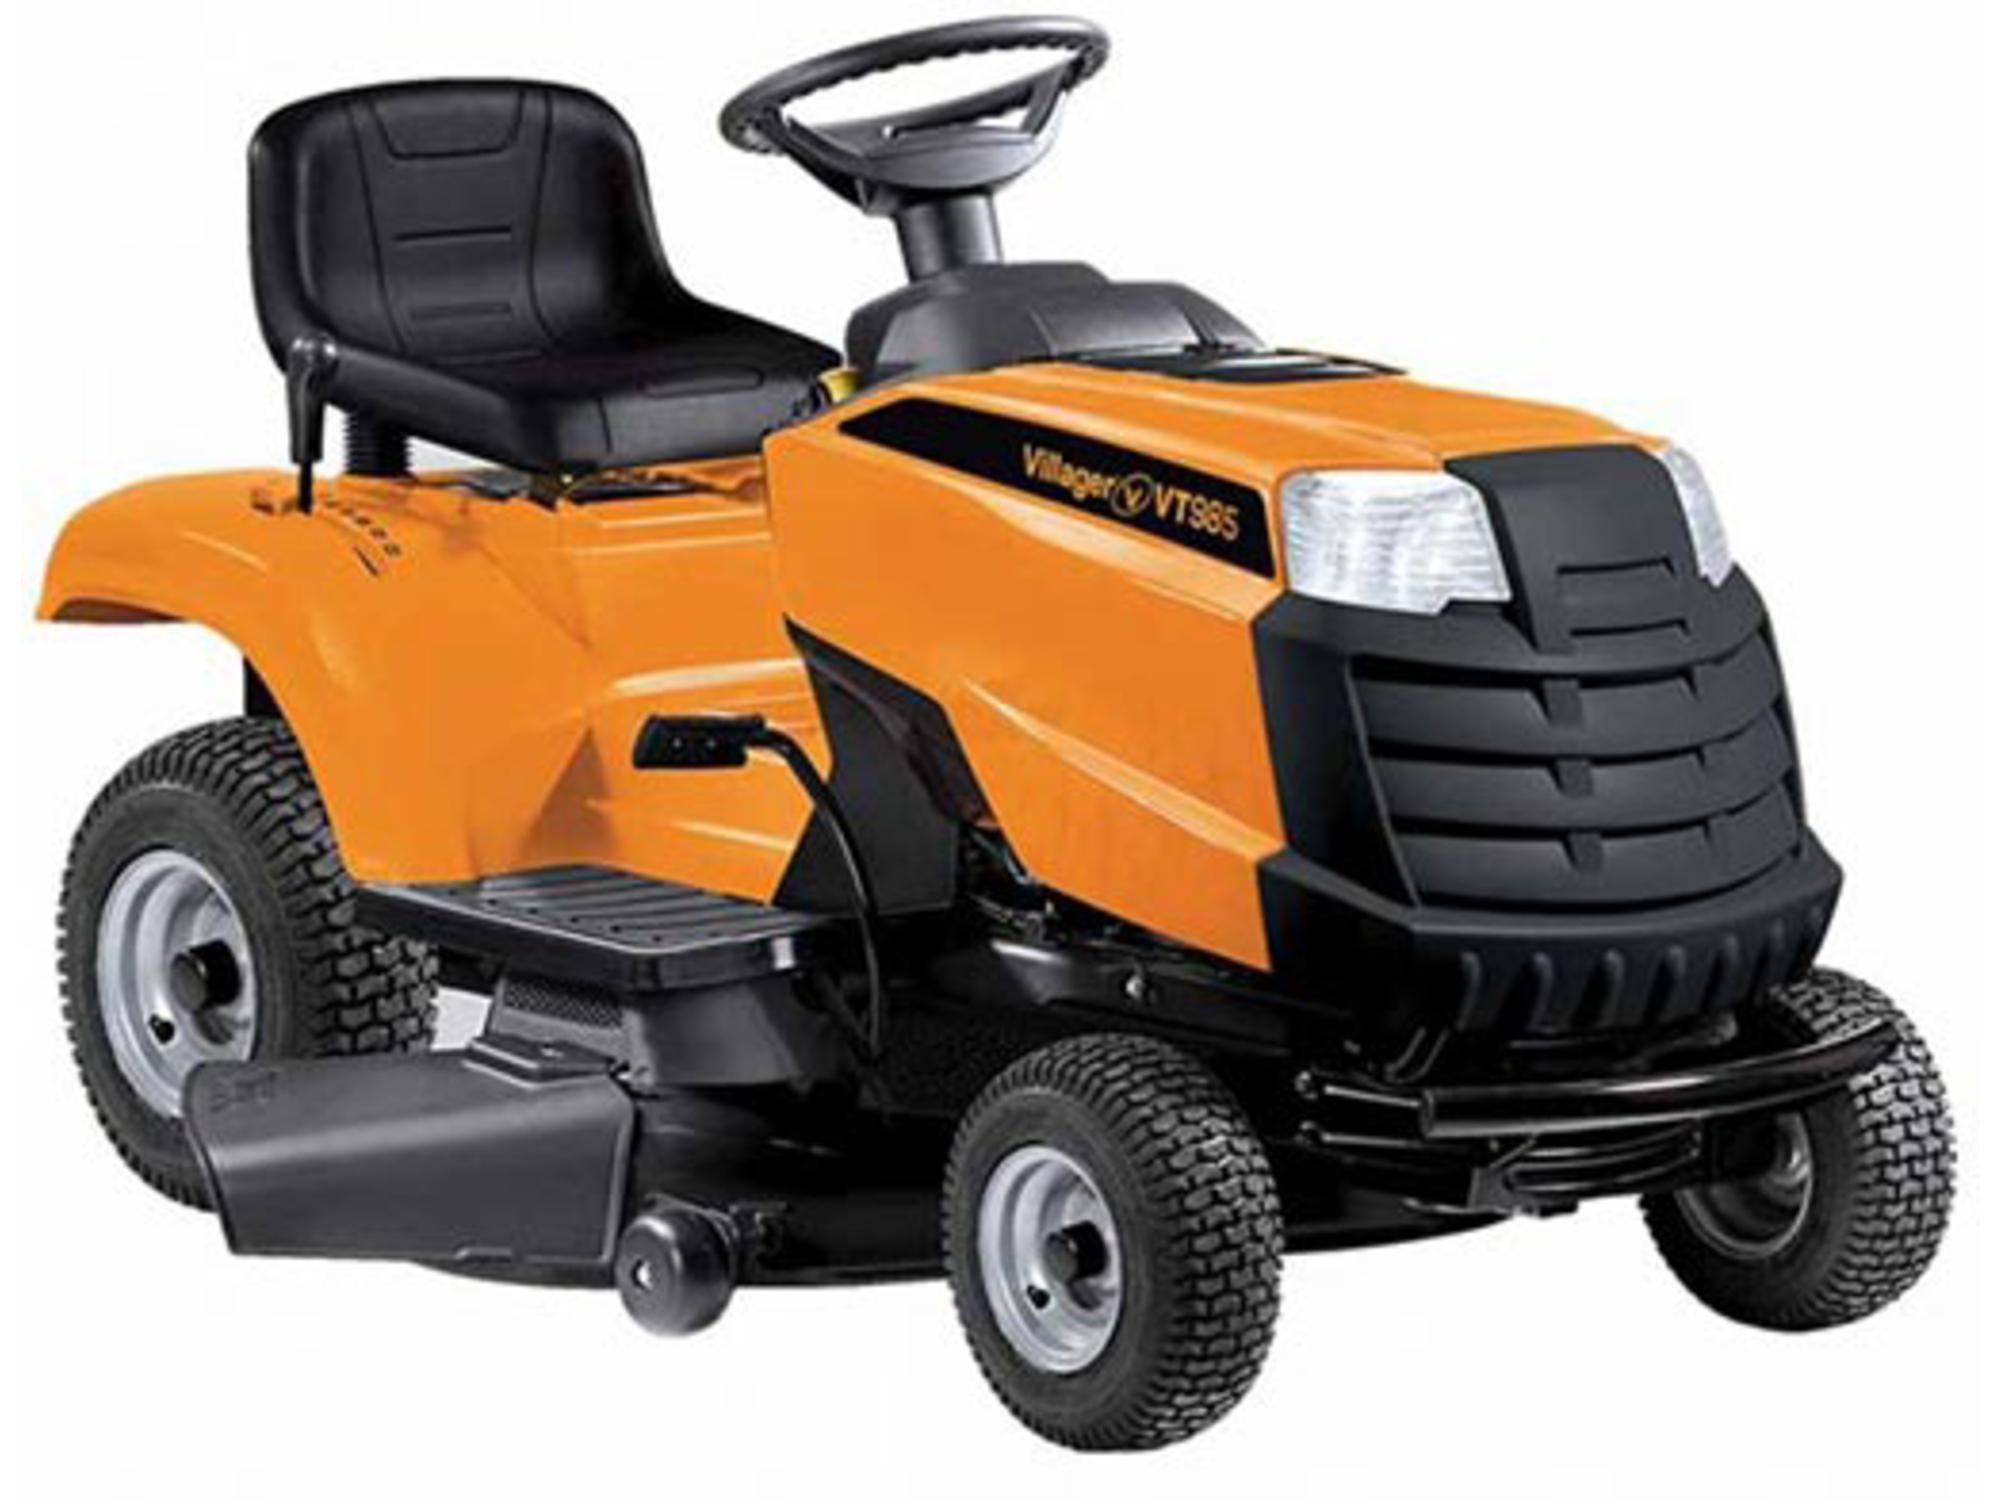 Villager Traktor VT 985 055351